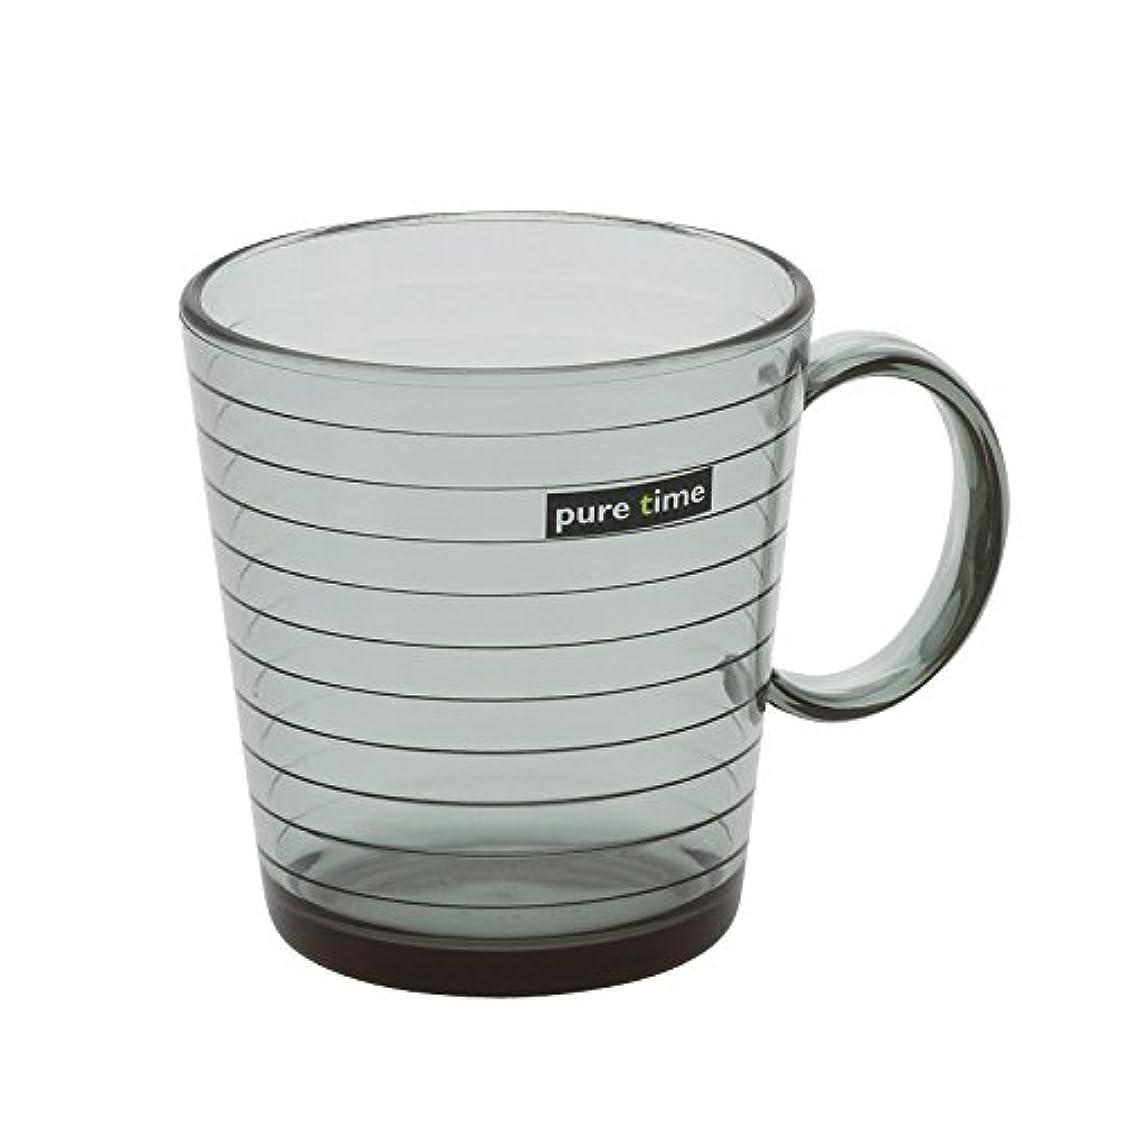 ファランクス歪める債権者PETSOLA 可愛いうがいカップ 歯磨きコップ 歯ブラシケース 携帯用便利 衛生 旅行用 全3色